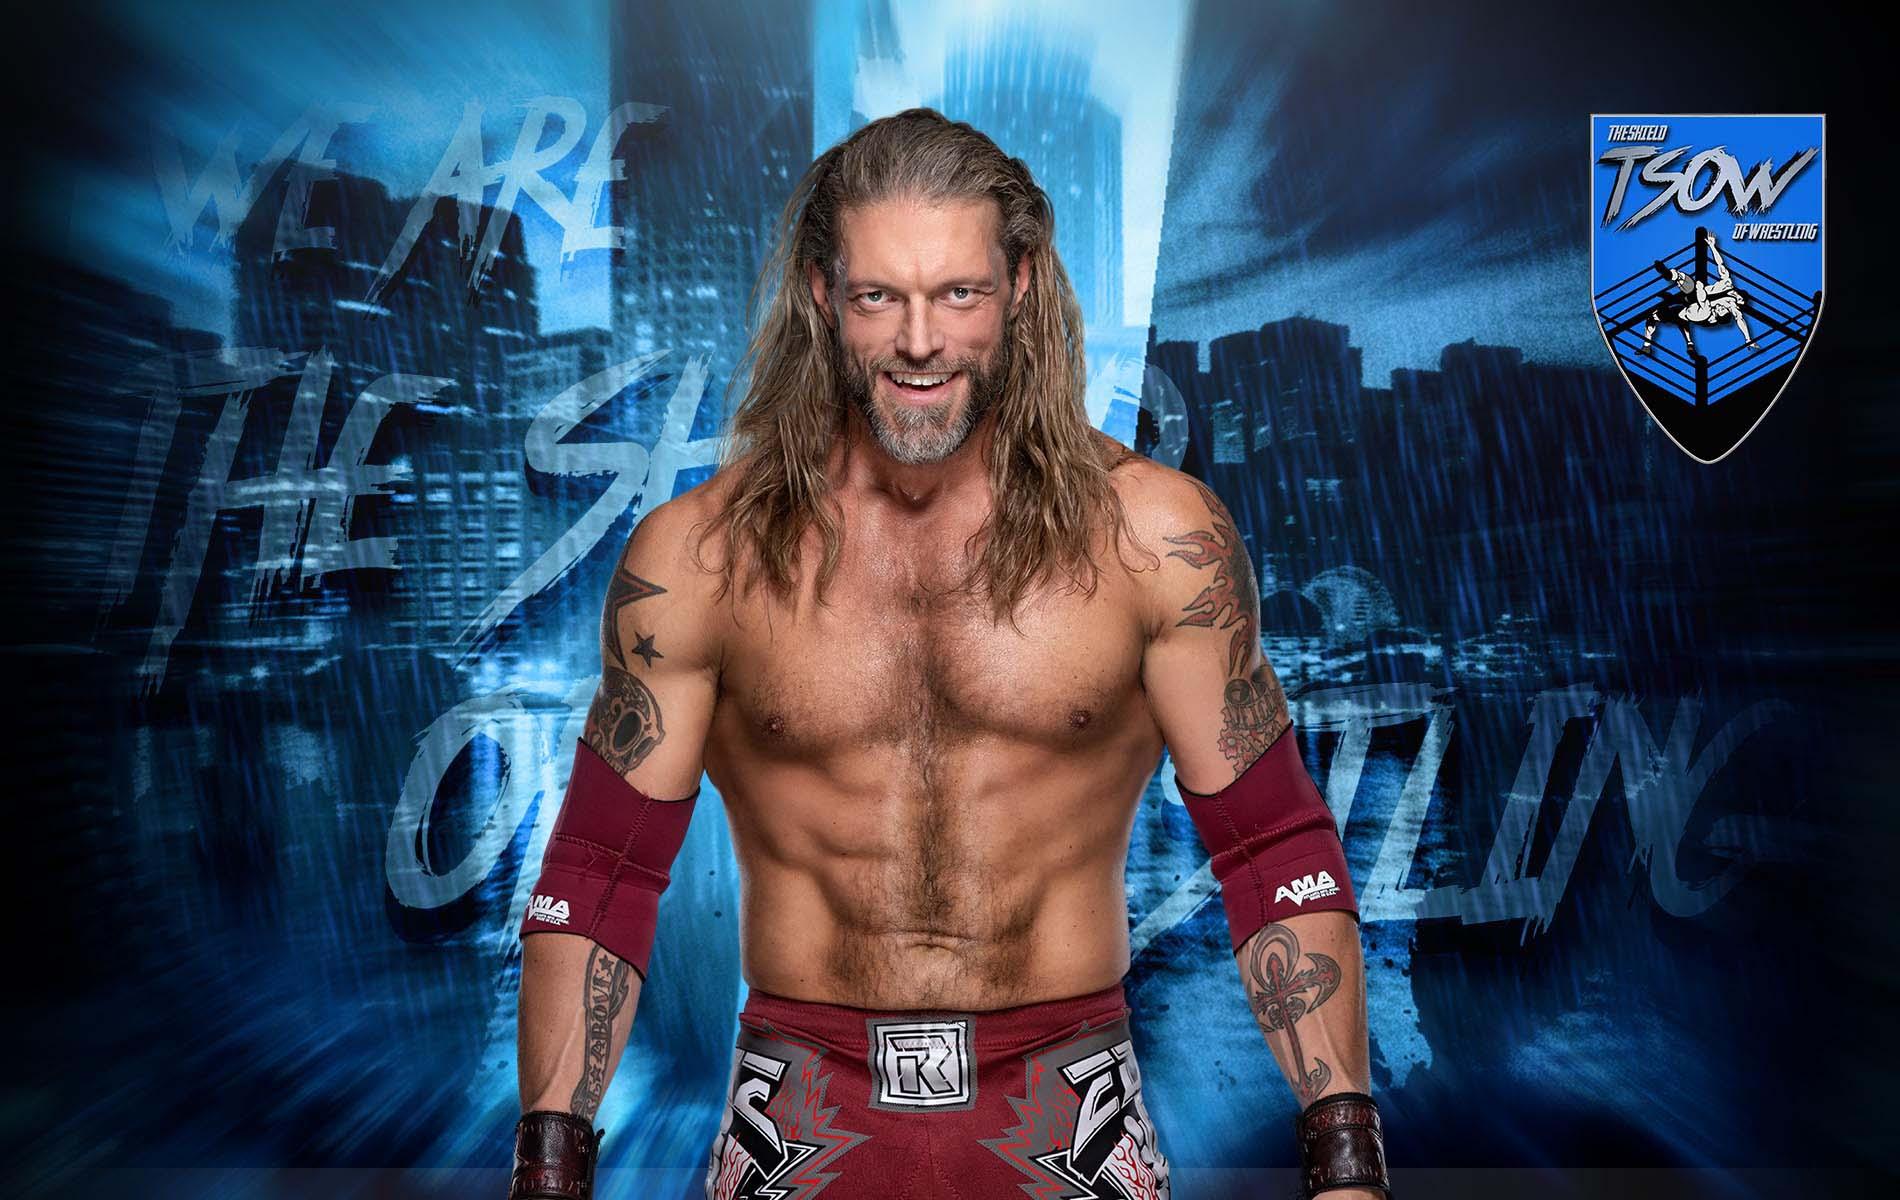 Edge ricorda l'incontro di Backlash con Randy Orton